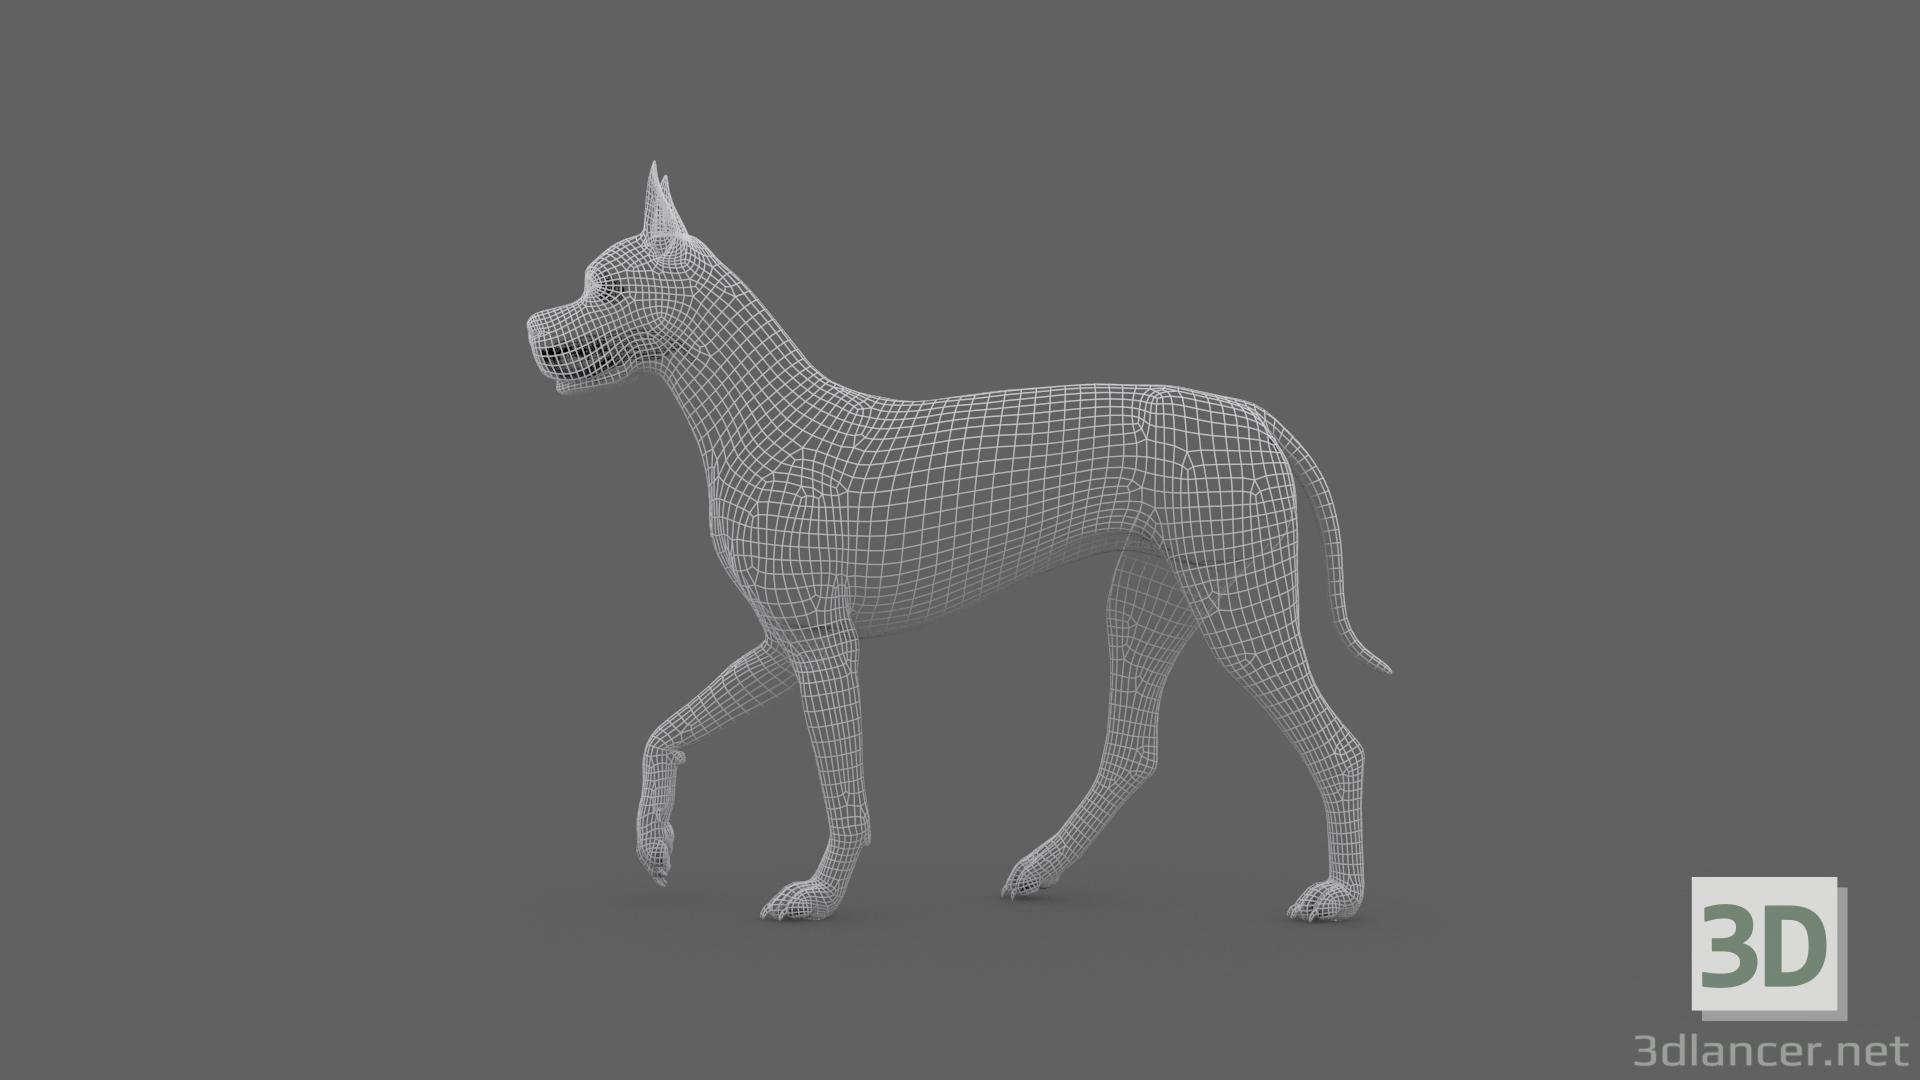 3d FDGD-002 Dog Animation model buy - render